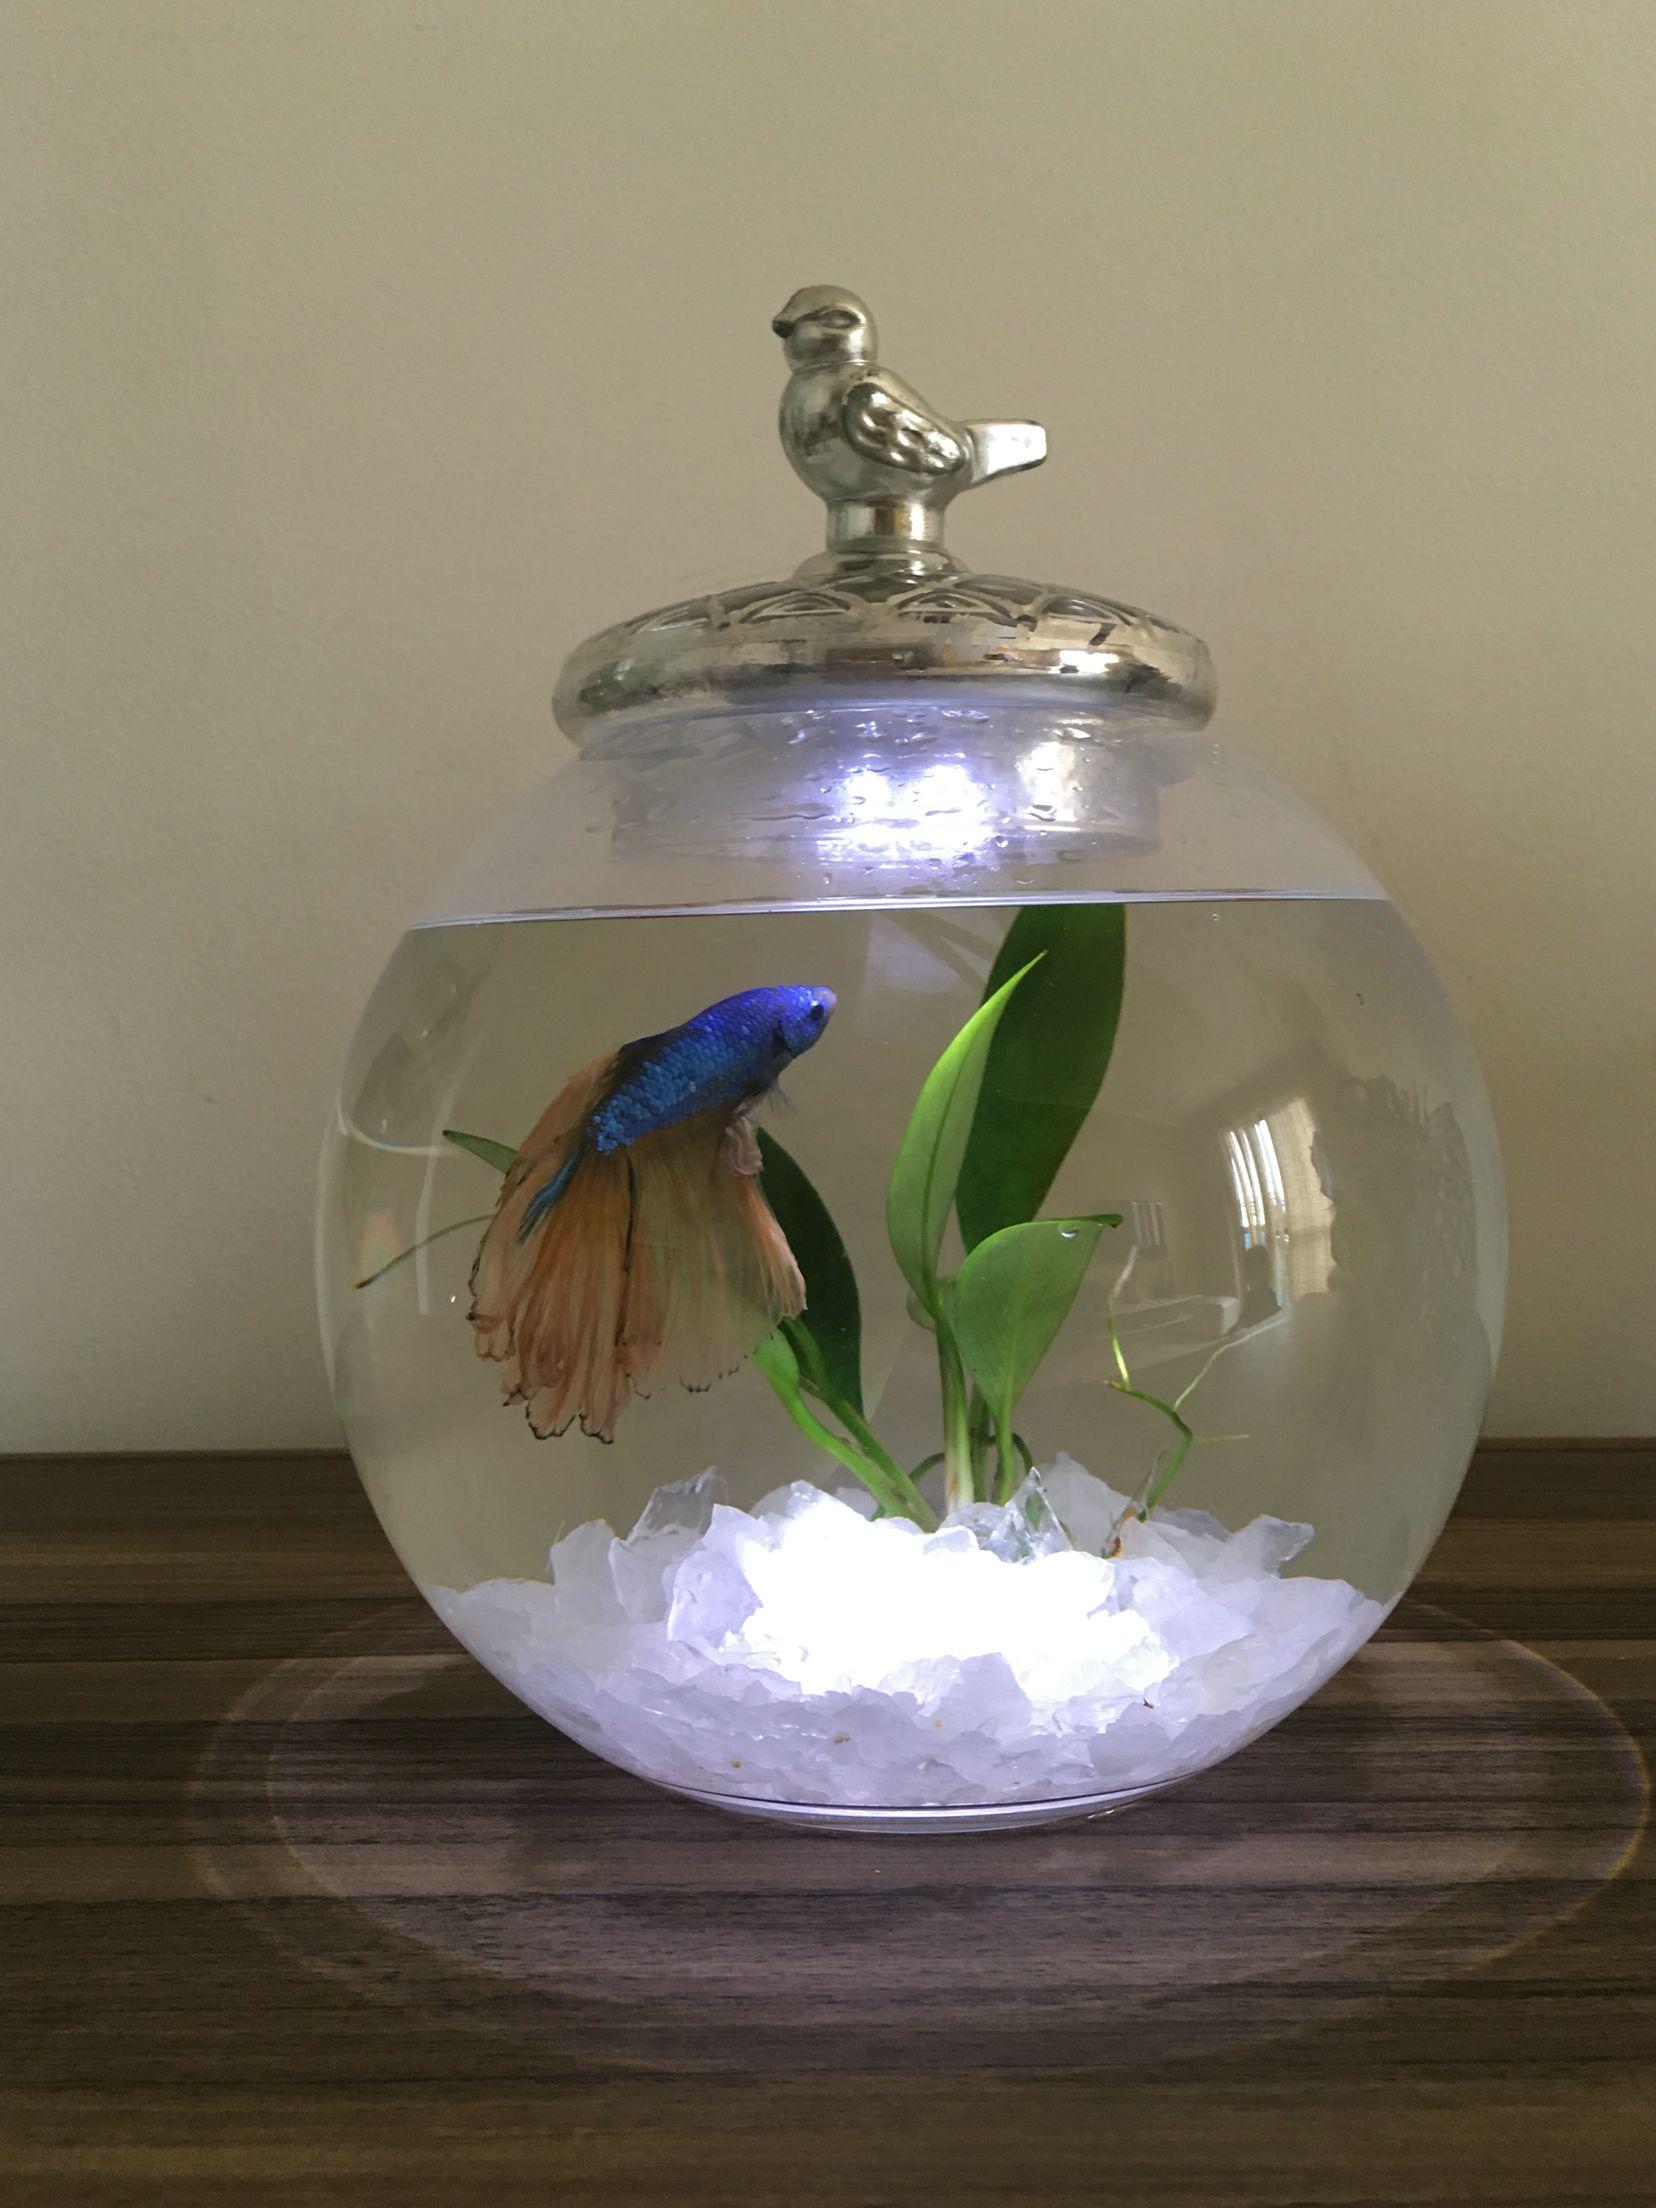 Aquario peixe beta com planta natural e luz de led | Luz